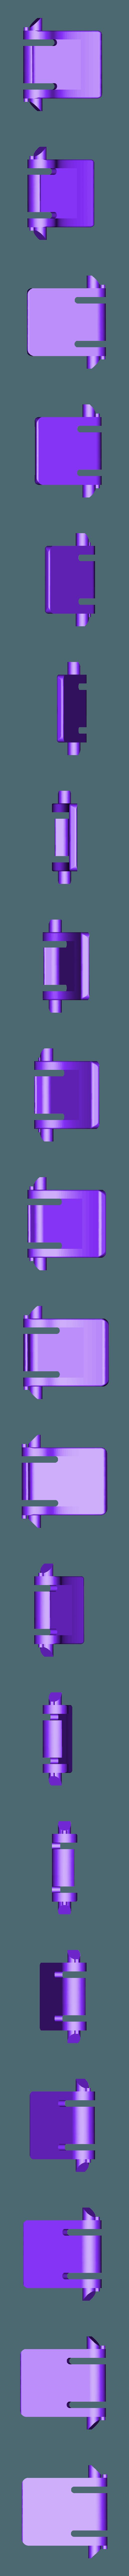 ms_200_keyb_leg.stl Télécharger fichier STL gratuit Clavier filaire Microsoft 200 Pieds de Remplacement • Design pour imprimante 3D, sokinkeso